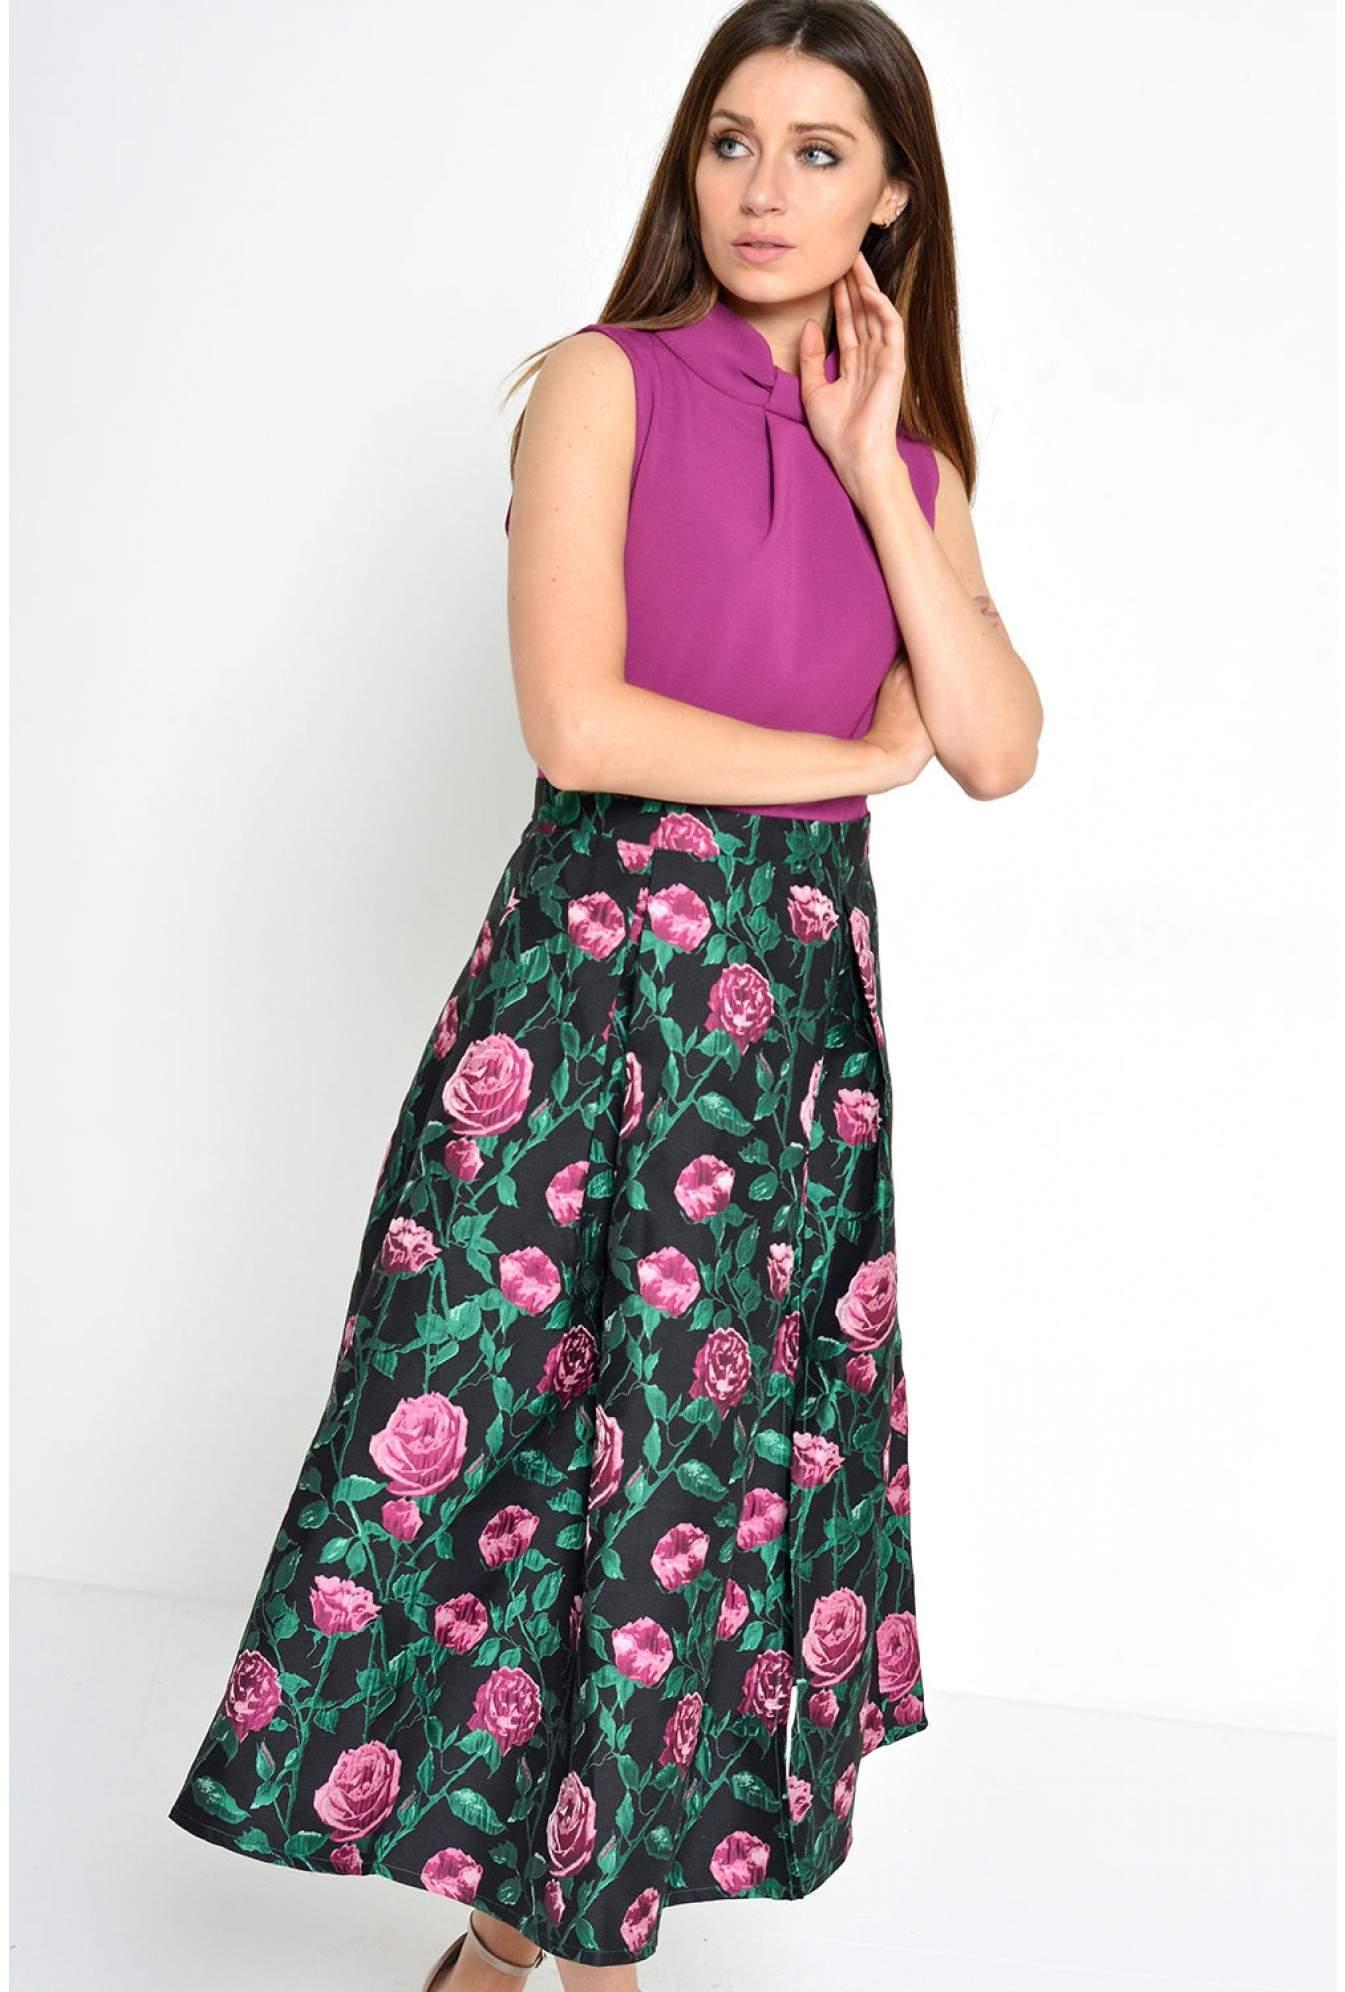 bcea7352c172 Maisy Helen High Neck Brocade Skirt Dress   iCLOTHING